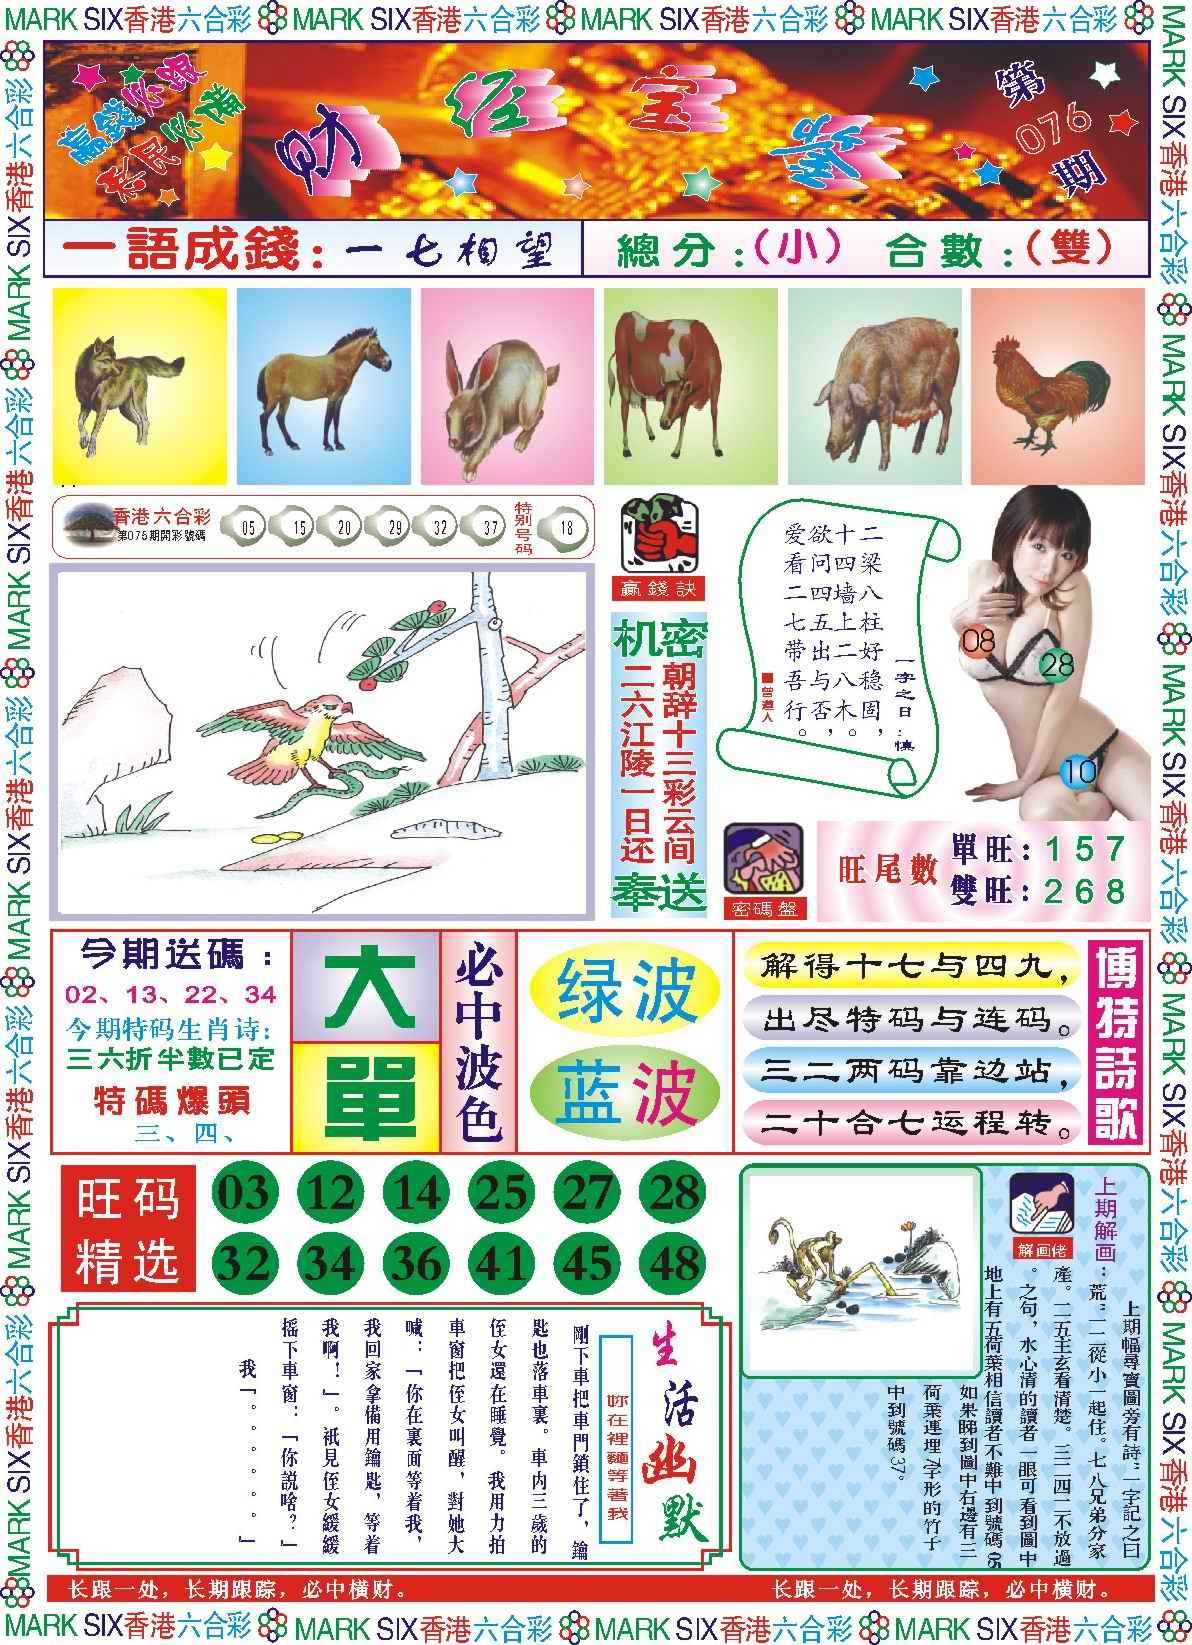 076期118财经宝鉴(新图)